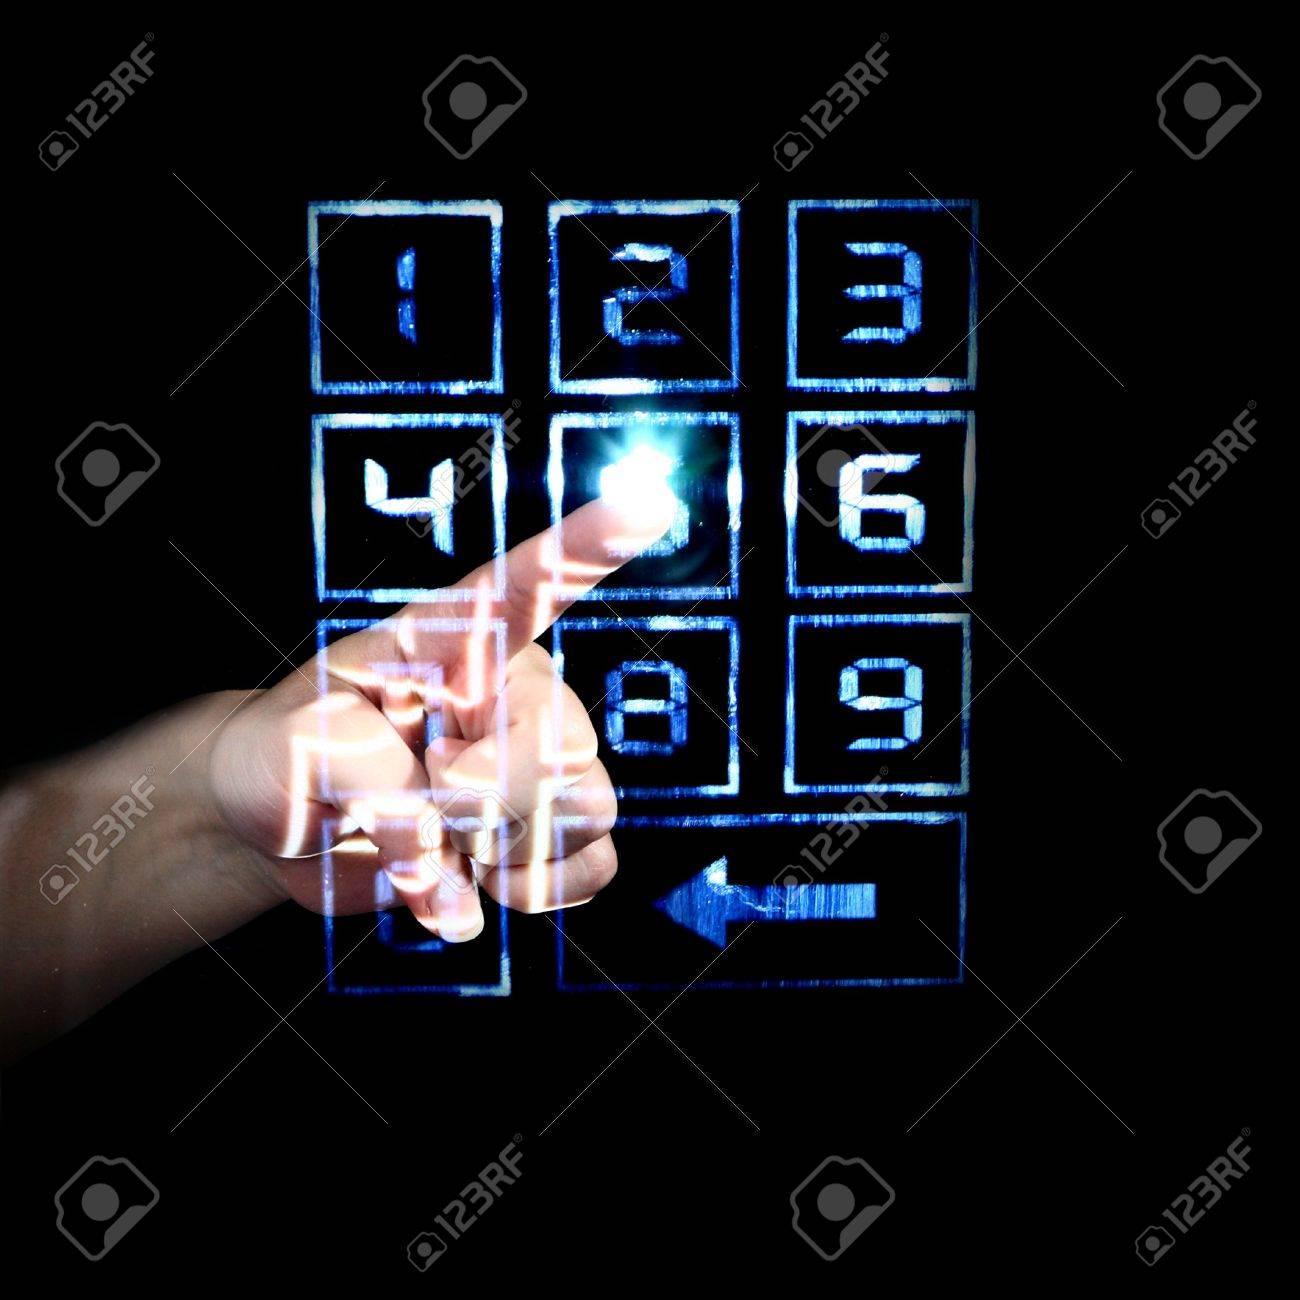 enter secret code on numpad security control Stock Photo - 3983244